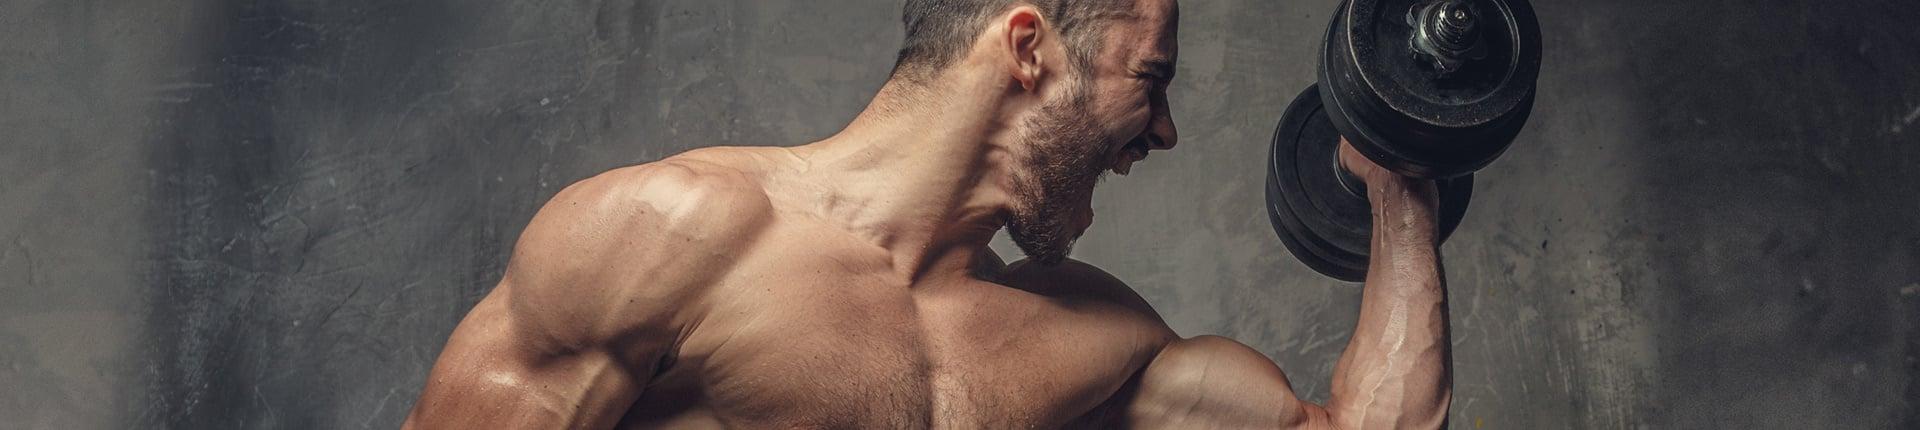 Beta-alanina - dlaczego swędzi skóra i czuć mrowienie?